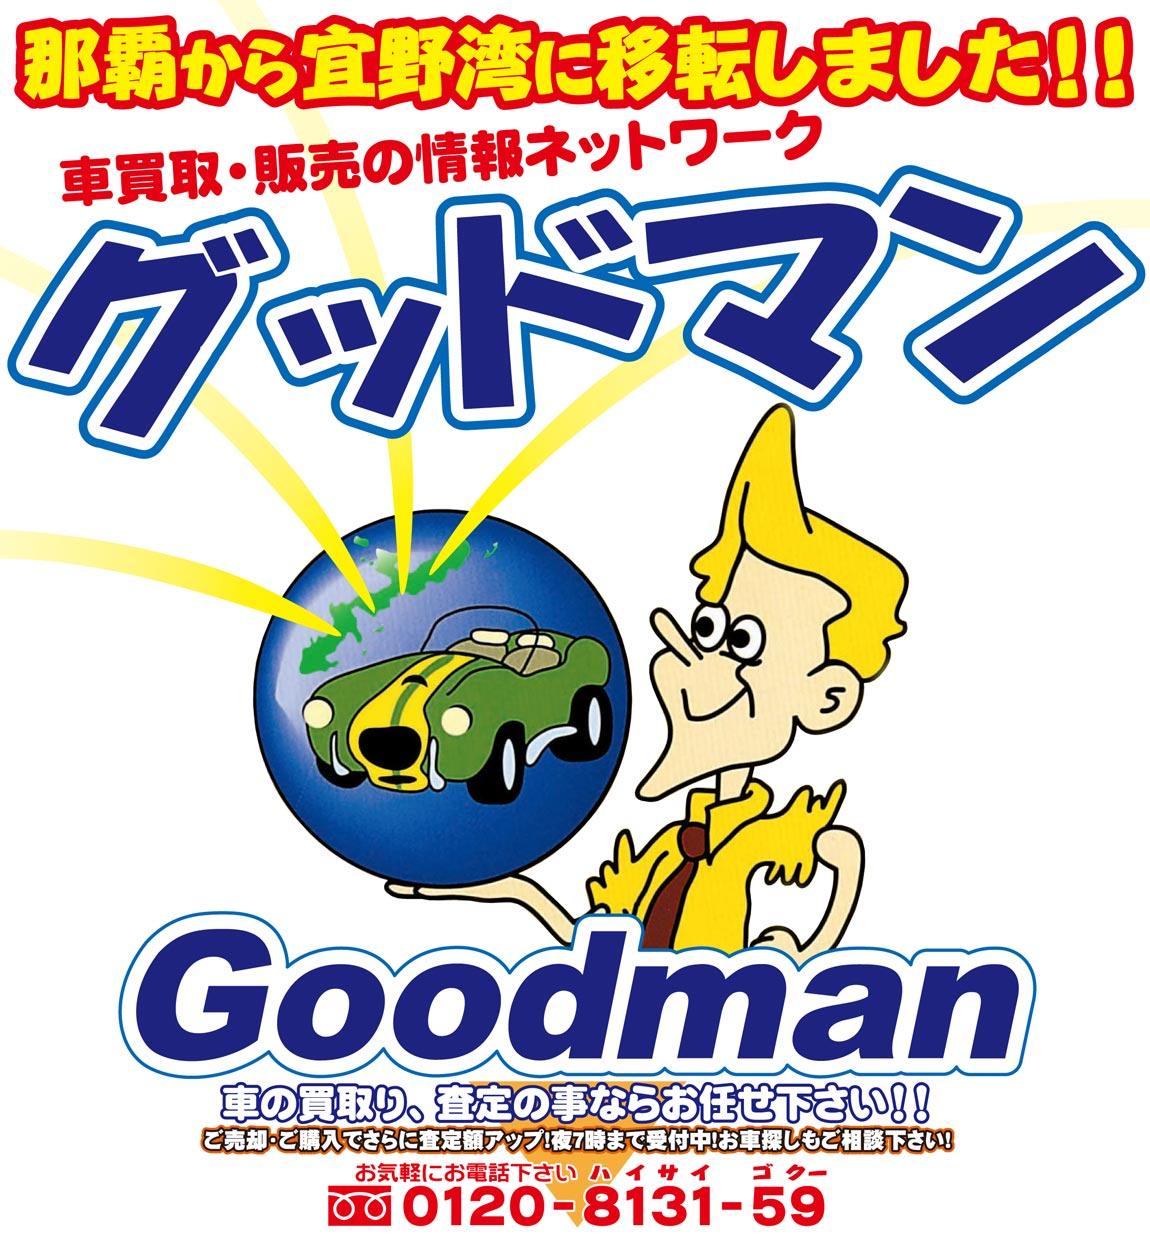 Good man<グッド マン>